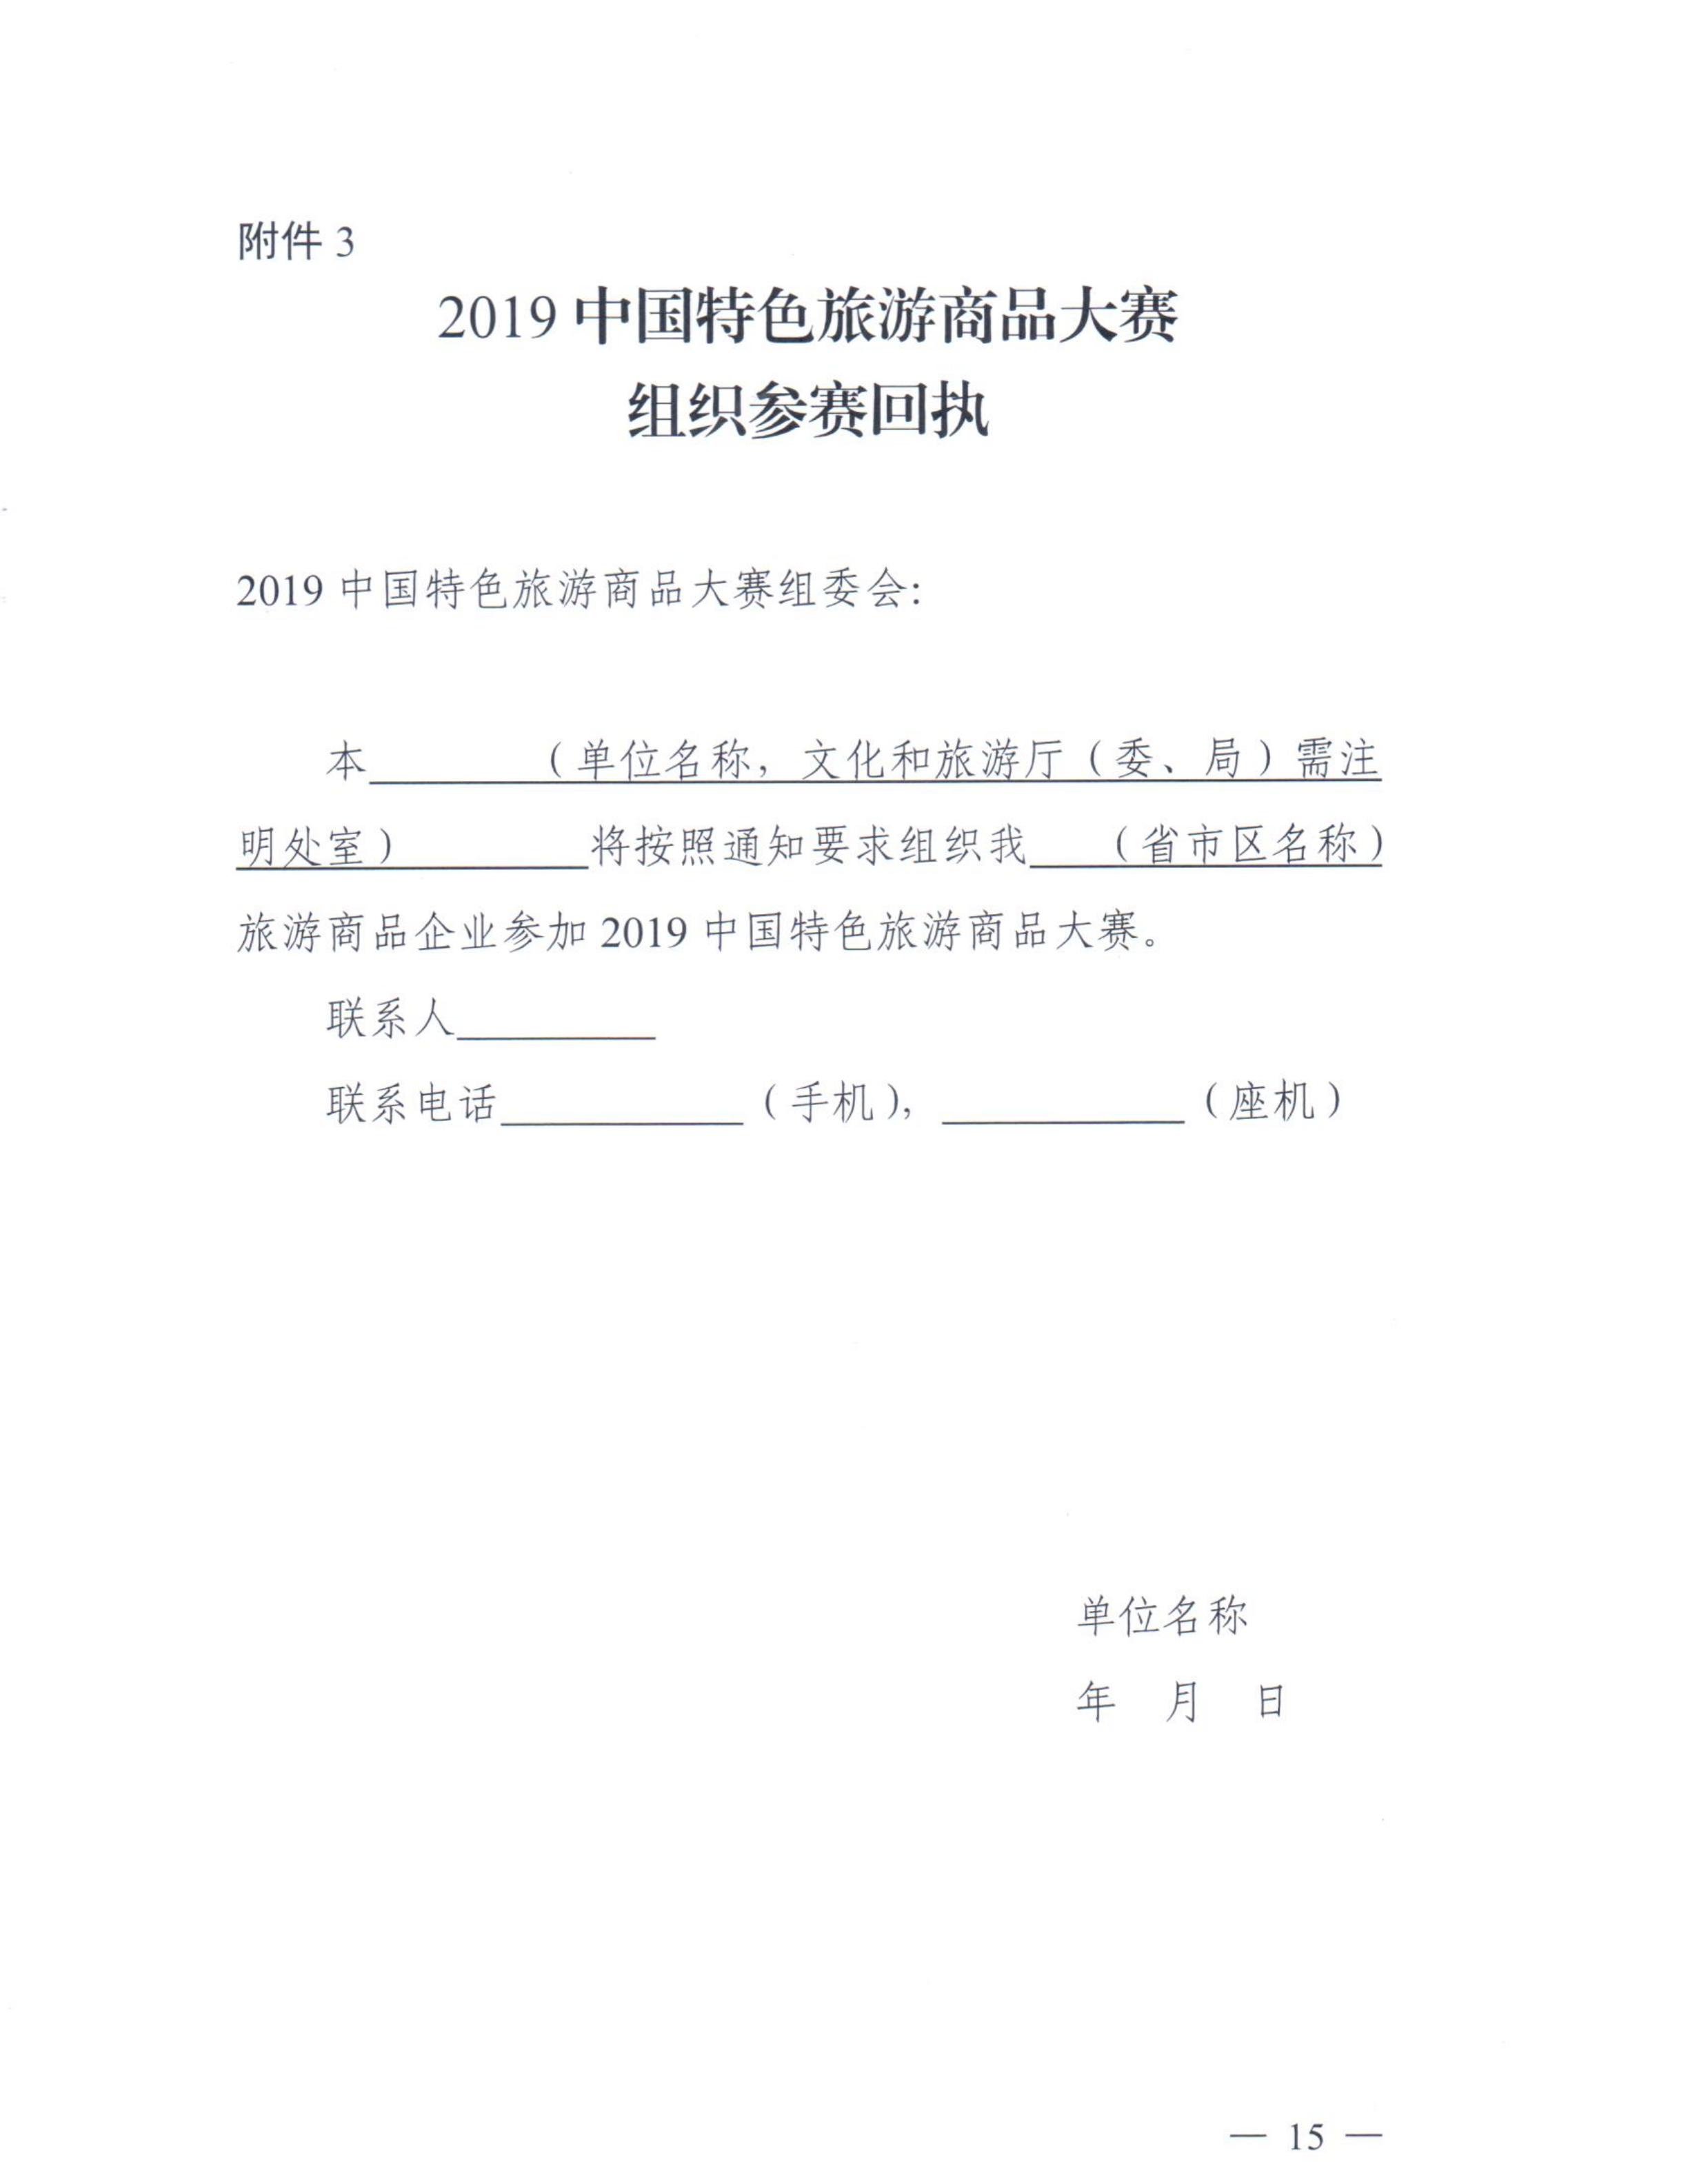 舉辦2019中國特色旅游商品大賽的通知-9-舉辦2019中國特色旅游商品大賽的通知-9_14